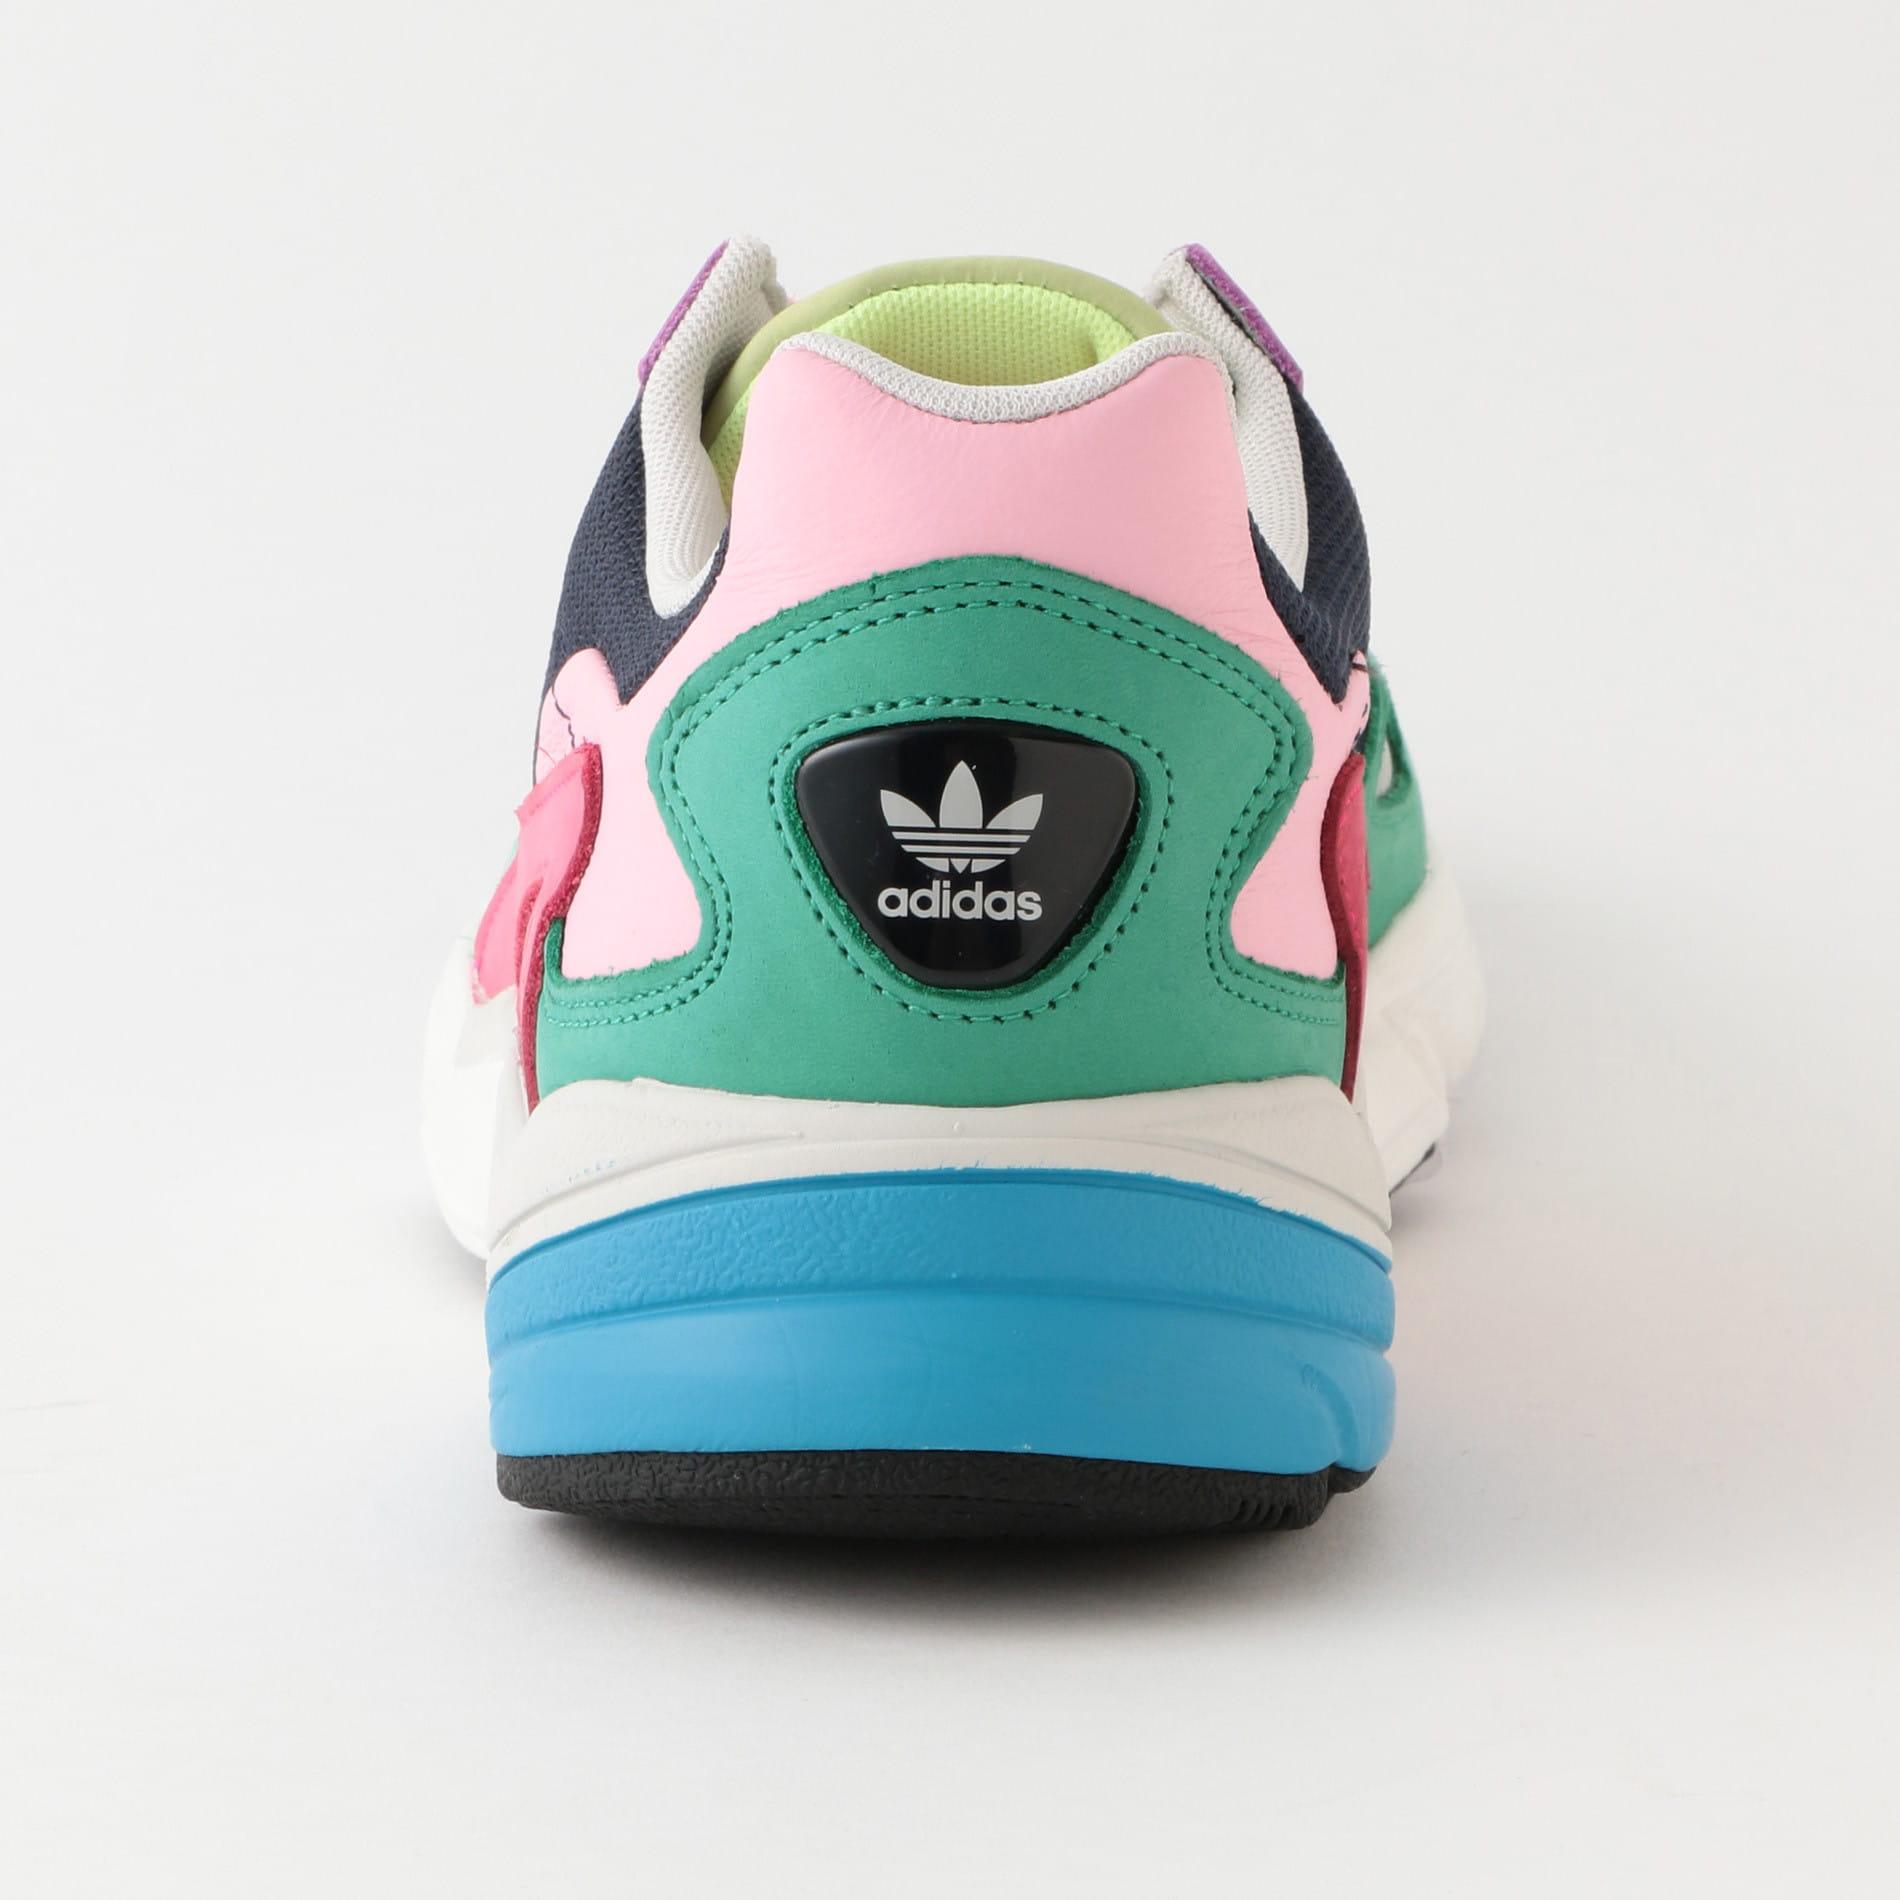 【adidas】MEN アディダスファルコンW